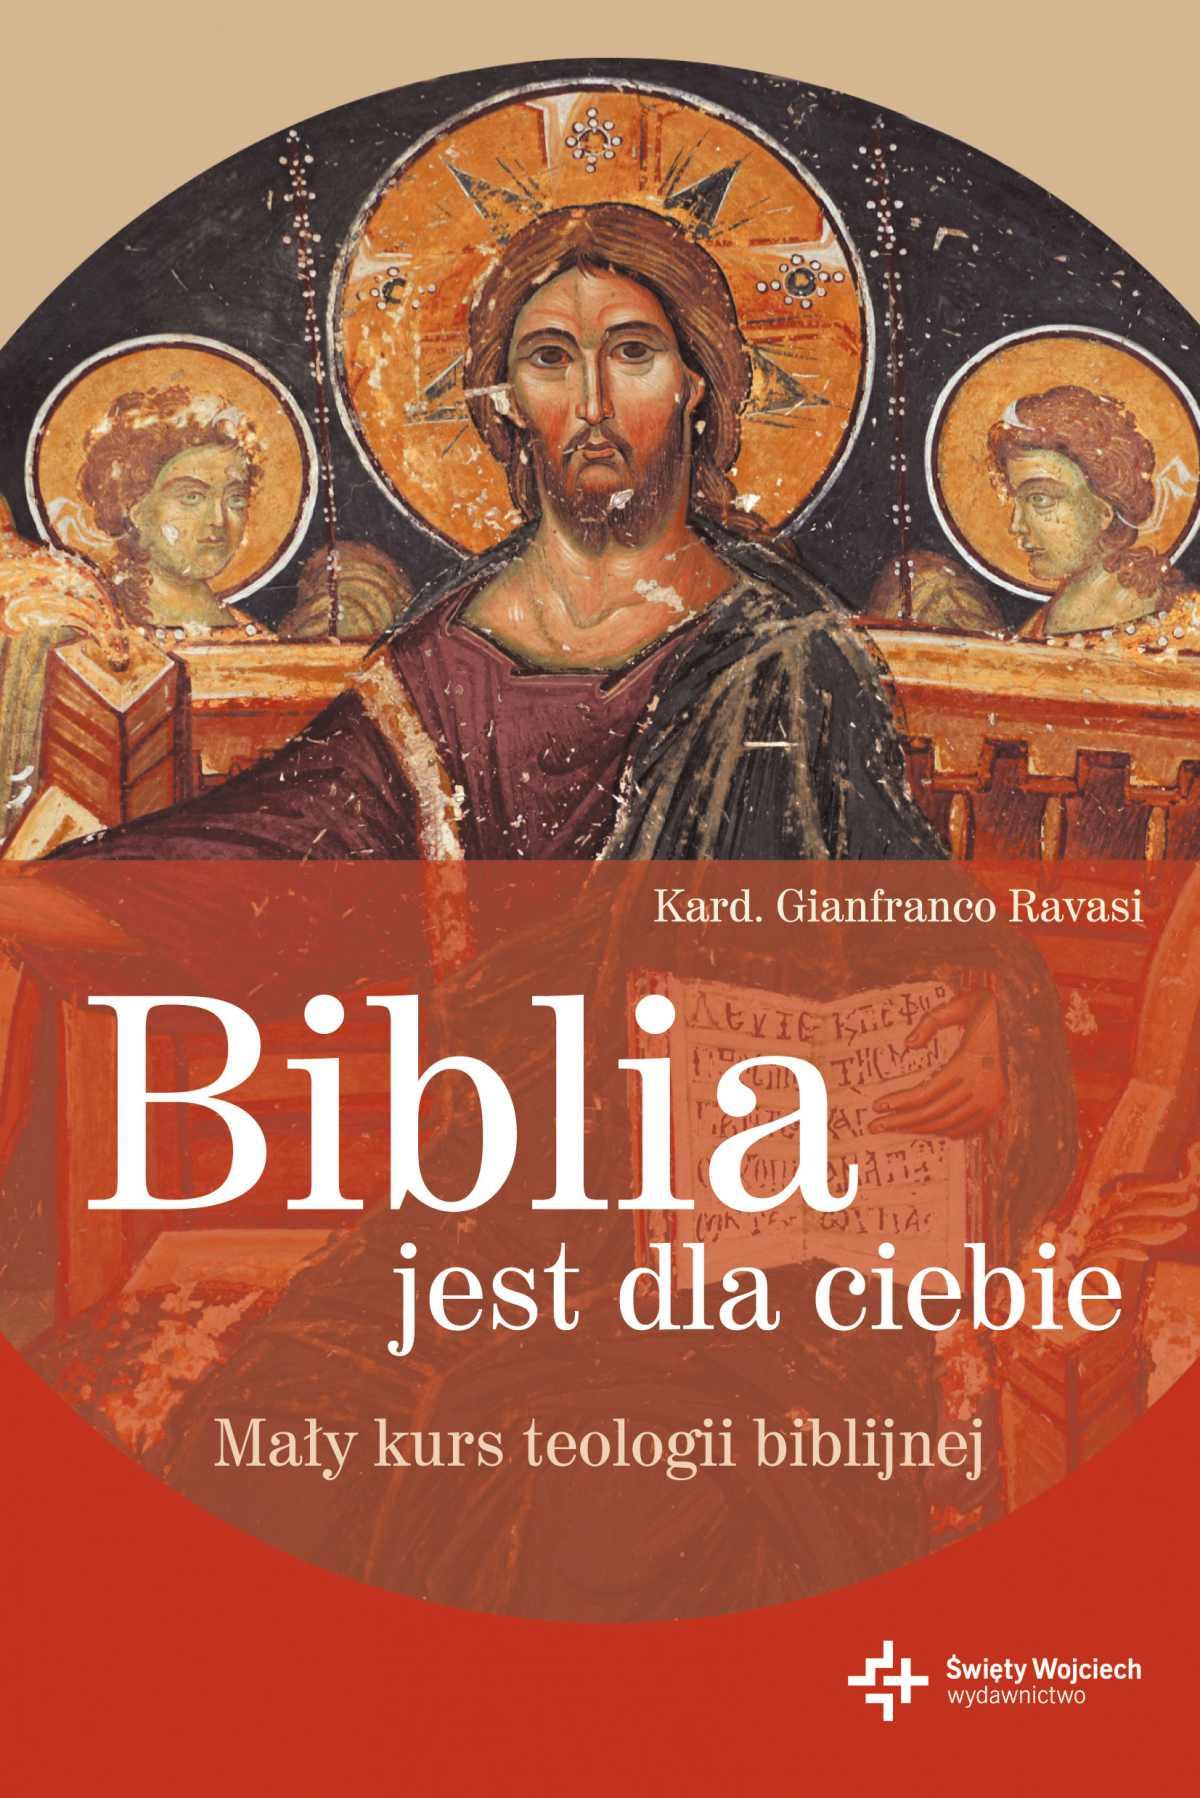 Biblia jest dla ciebie - Ebook (Książka na Kindle) do pobrania w formacie MOBI